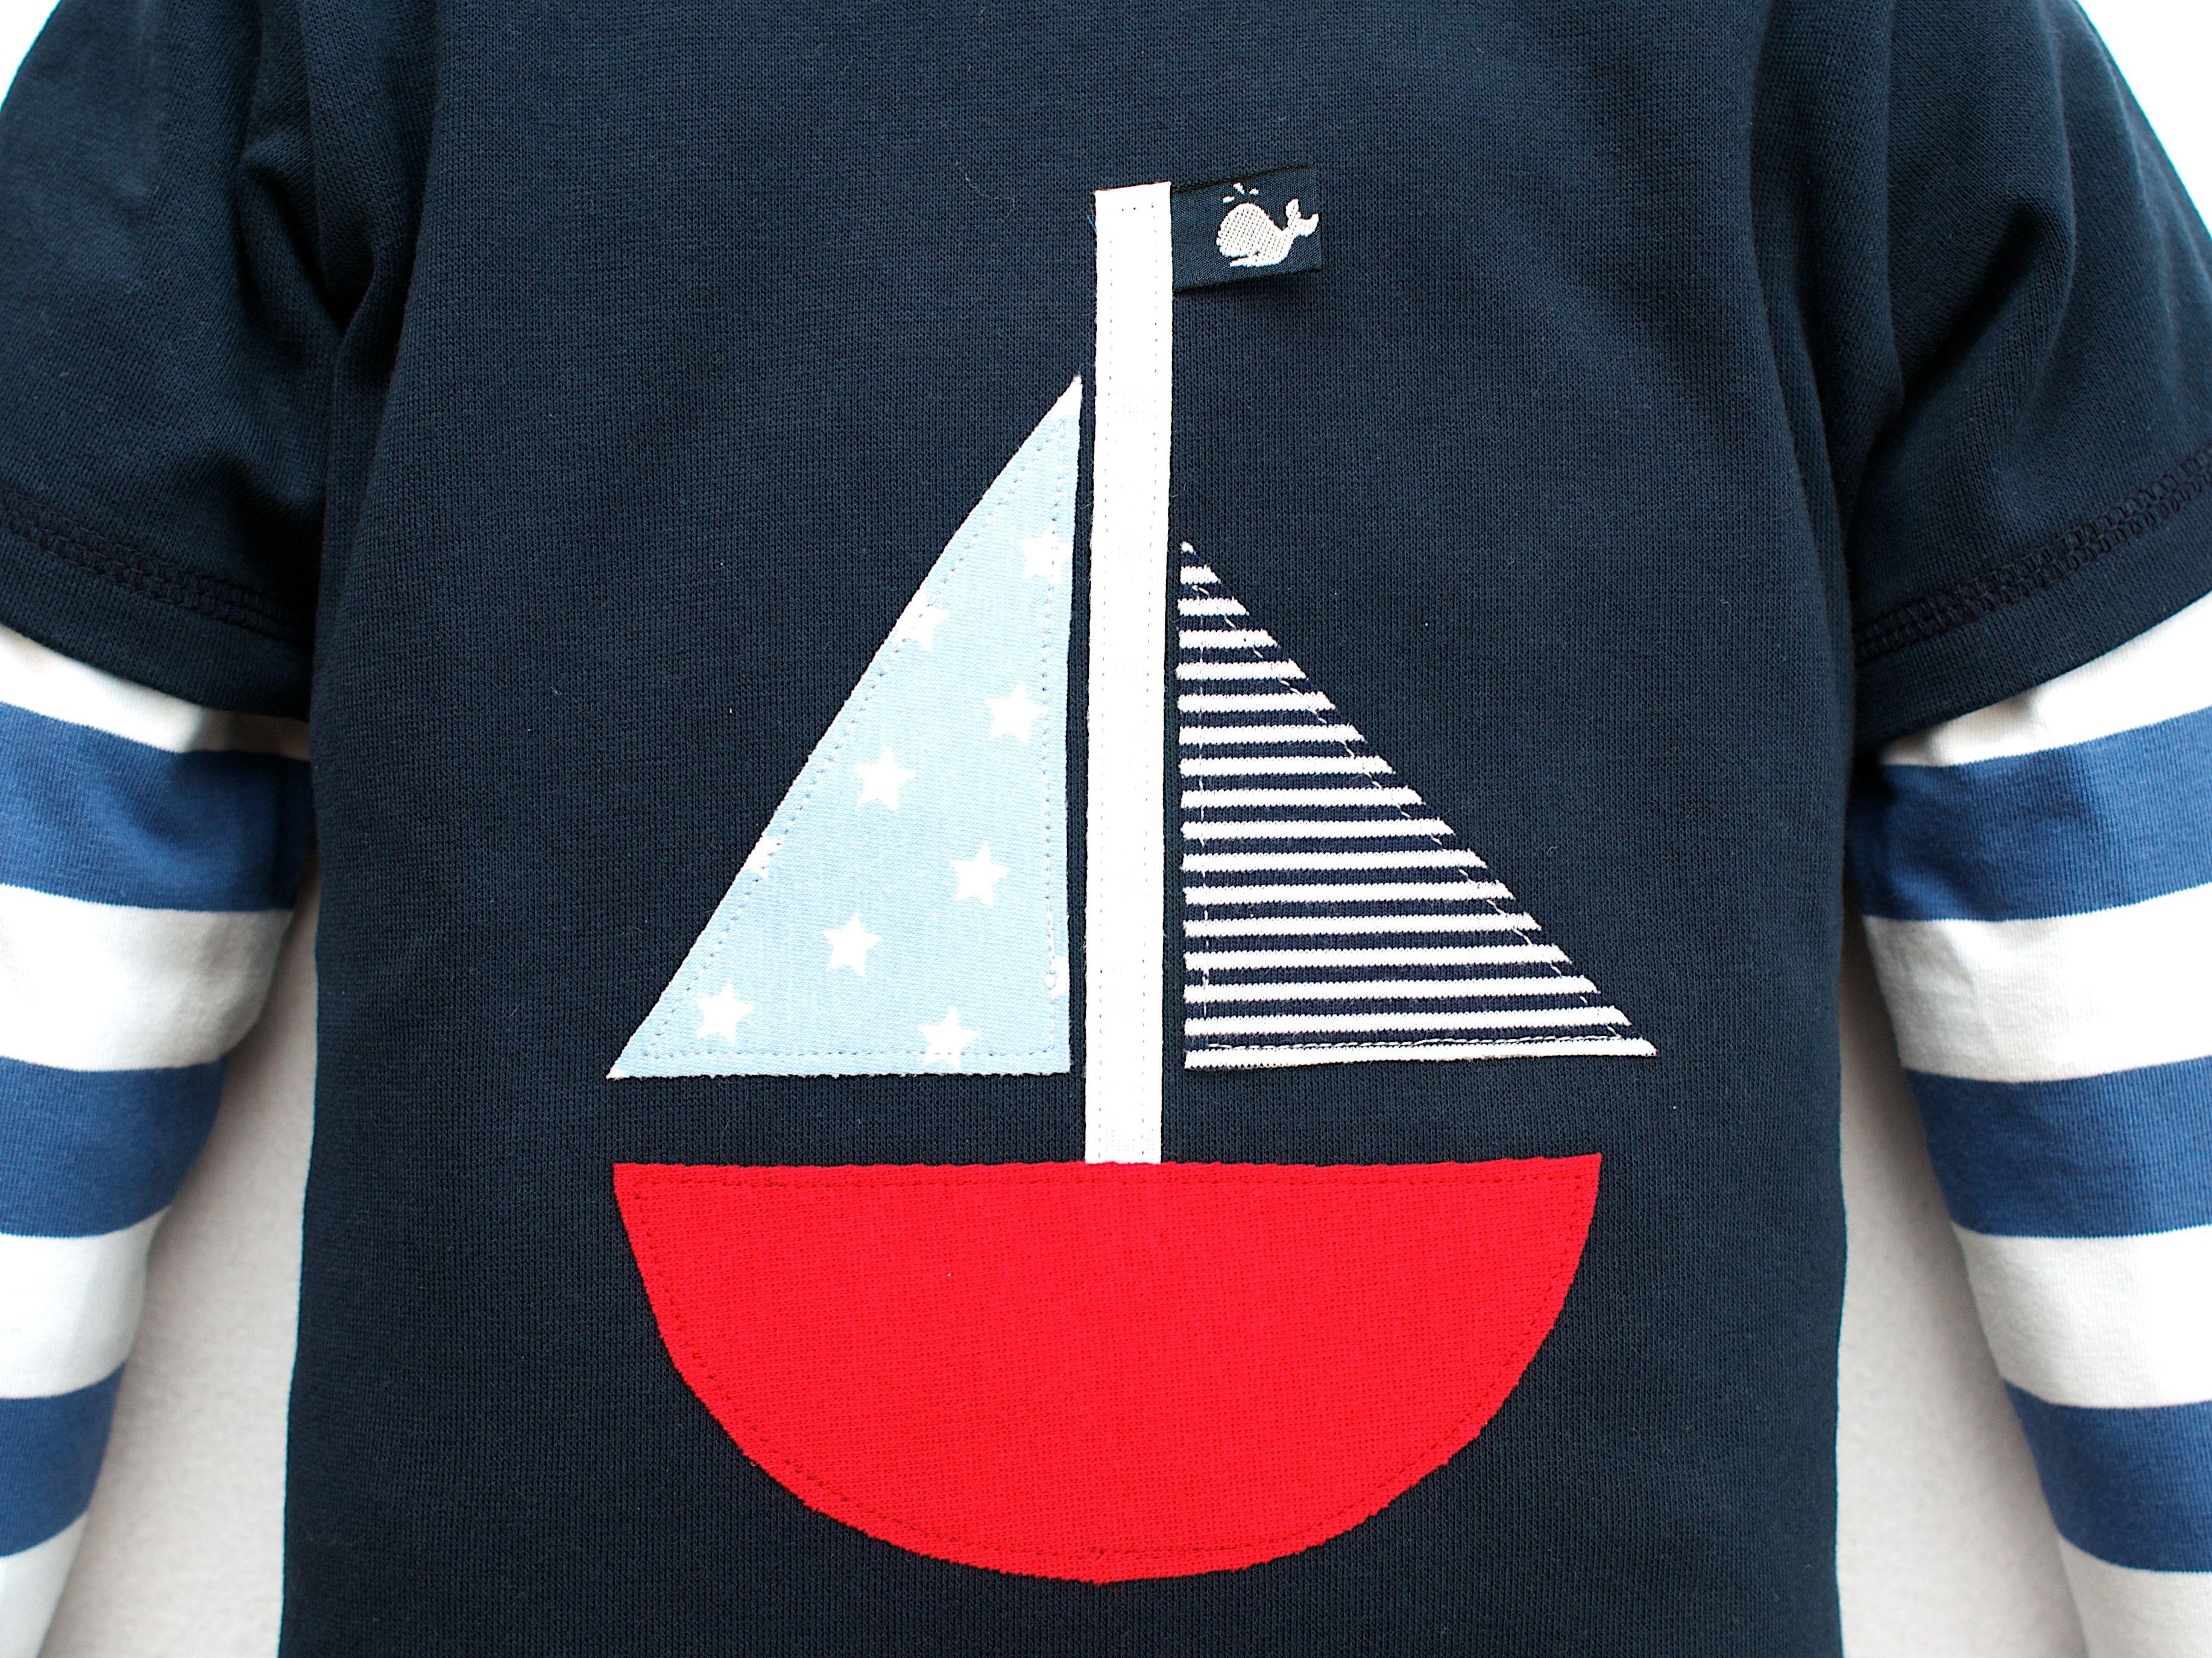 Segelboot applikation  Segelboot - Applikation | Nähen Zwerg | Pinterest | Segelboot ...